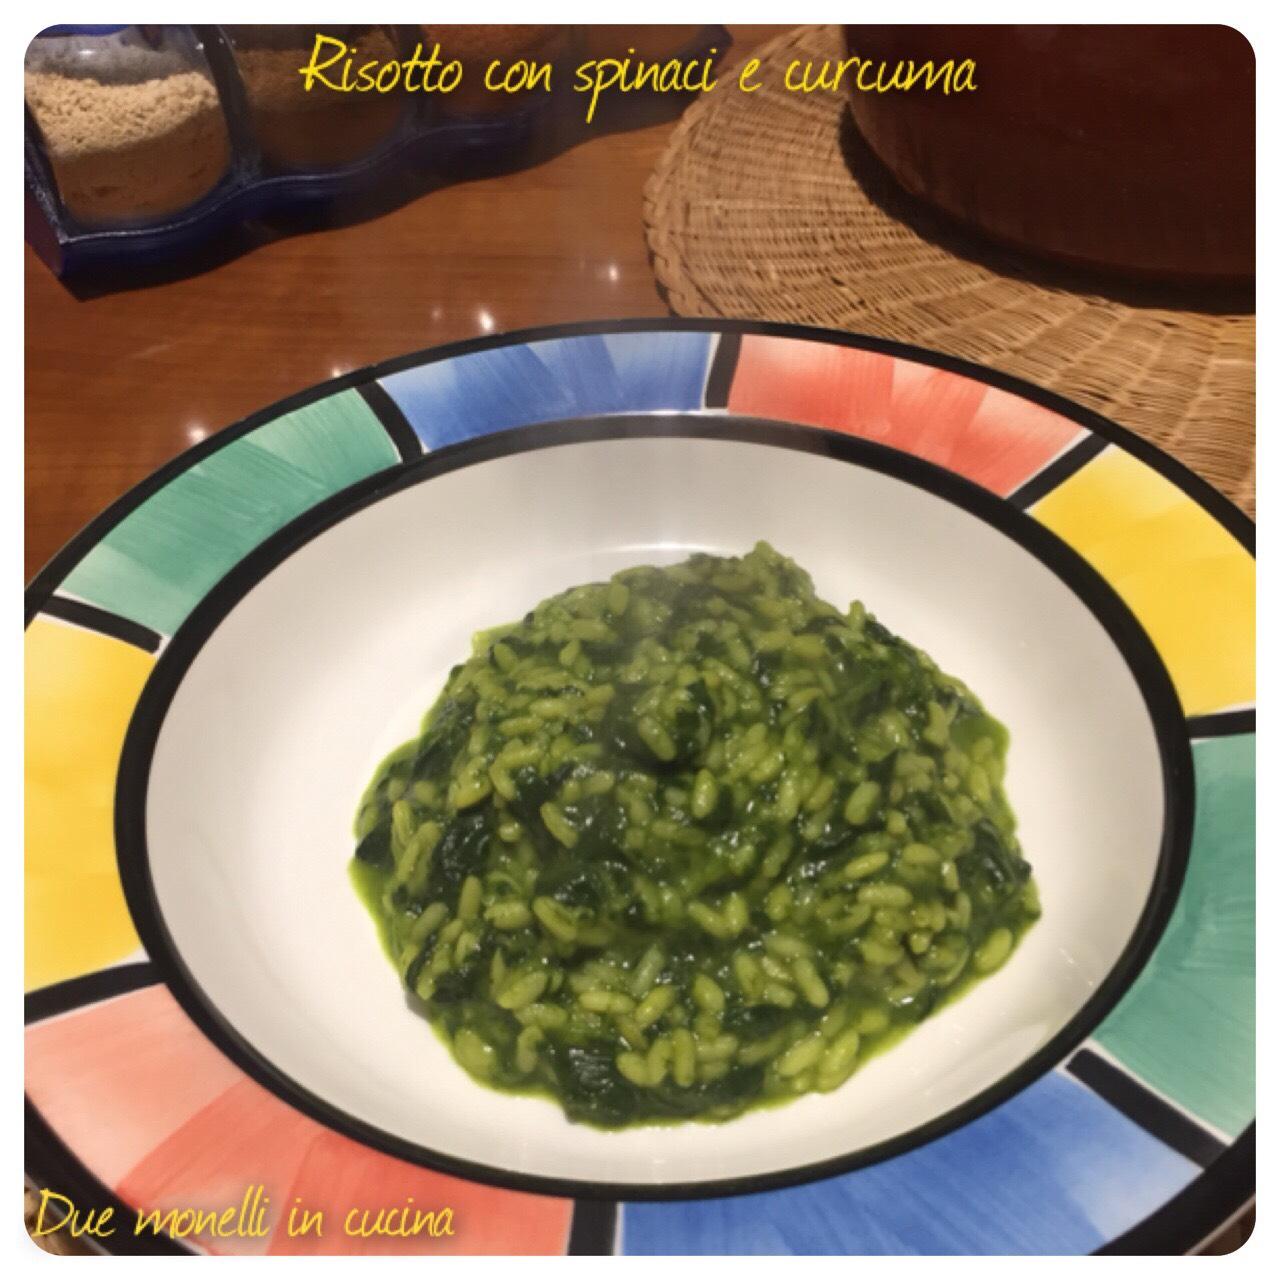 Risotto con spinaci e curcuma